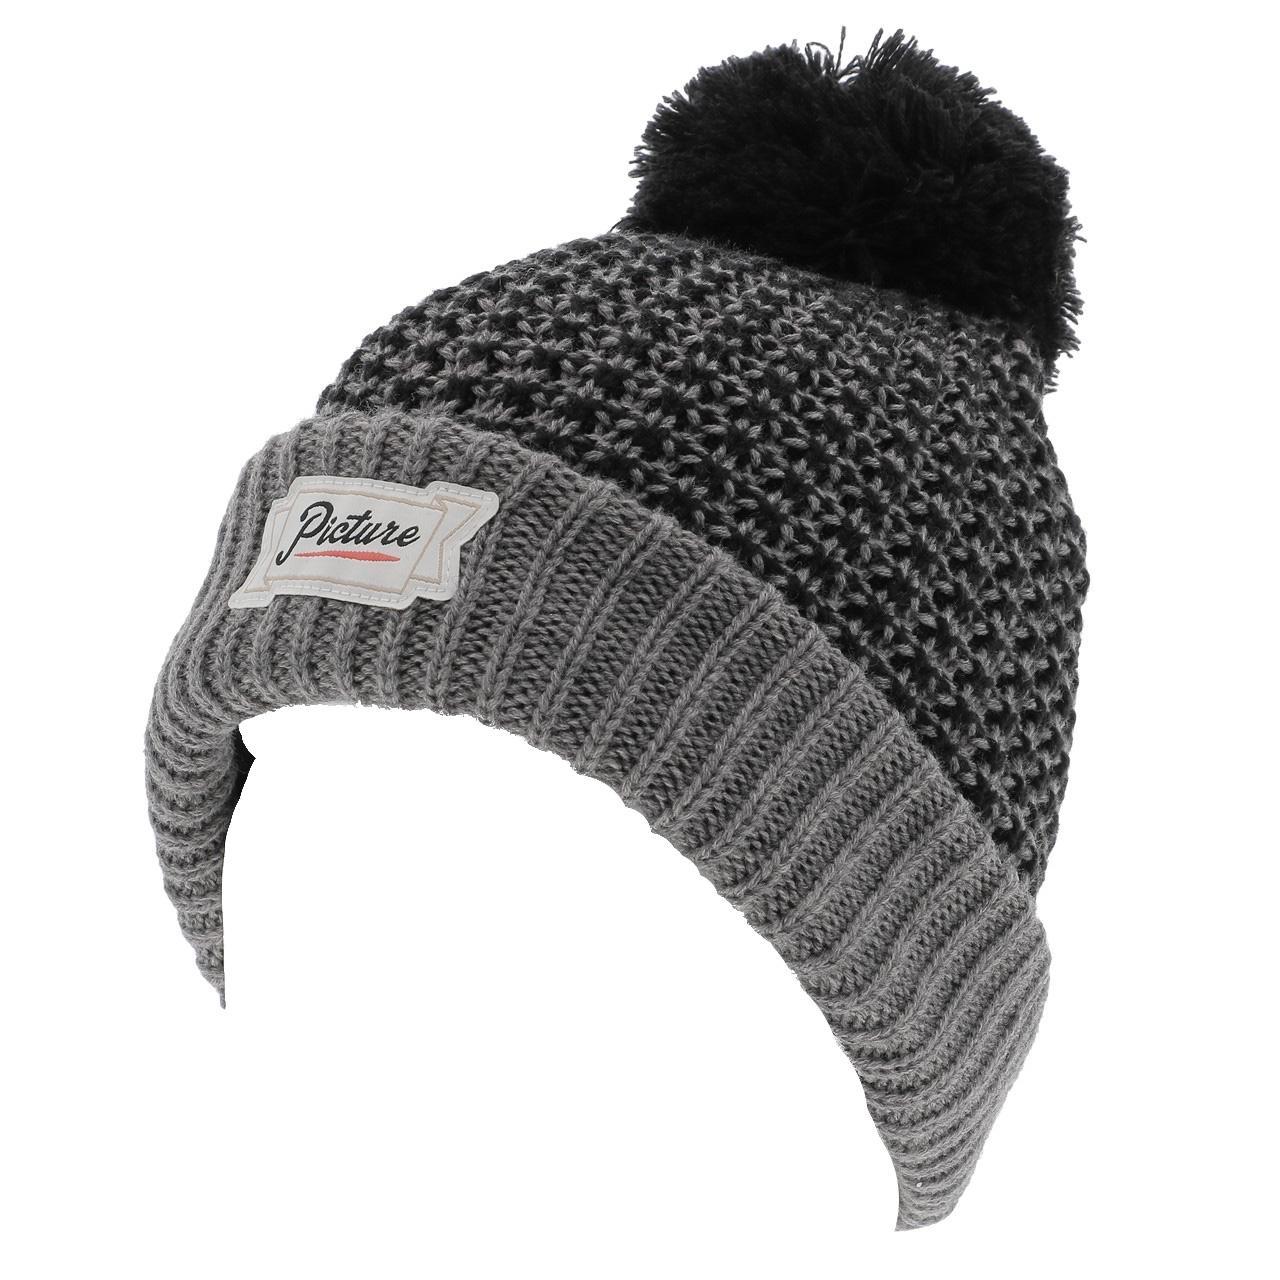 Bonnet-a-pompon-Picture-Ale-beanie-grey-Gris-14177-Neuf